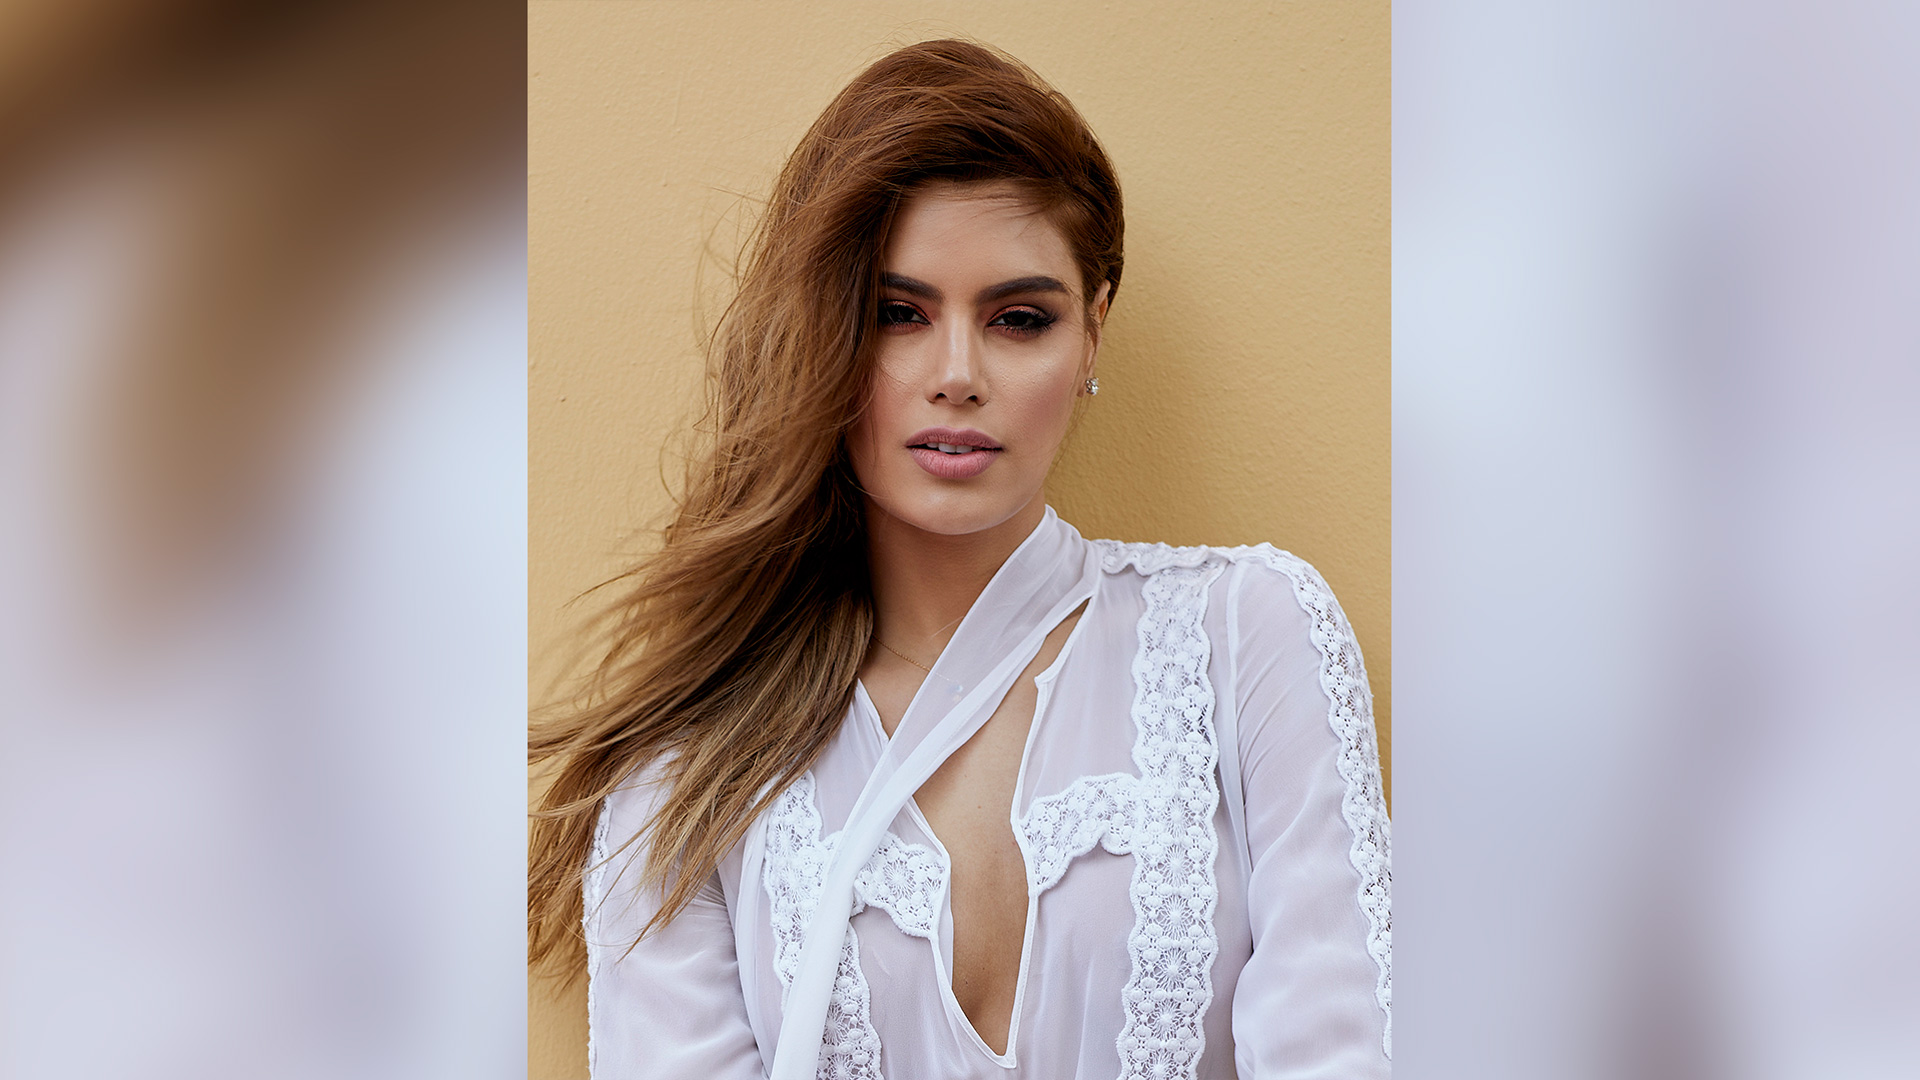 Ariadna Gutiérrez